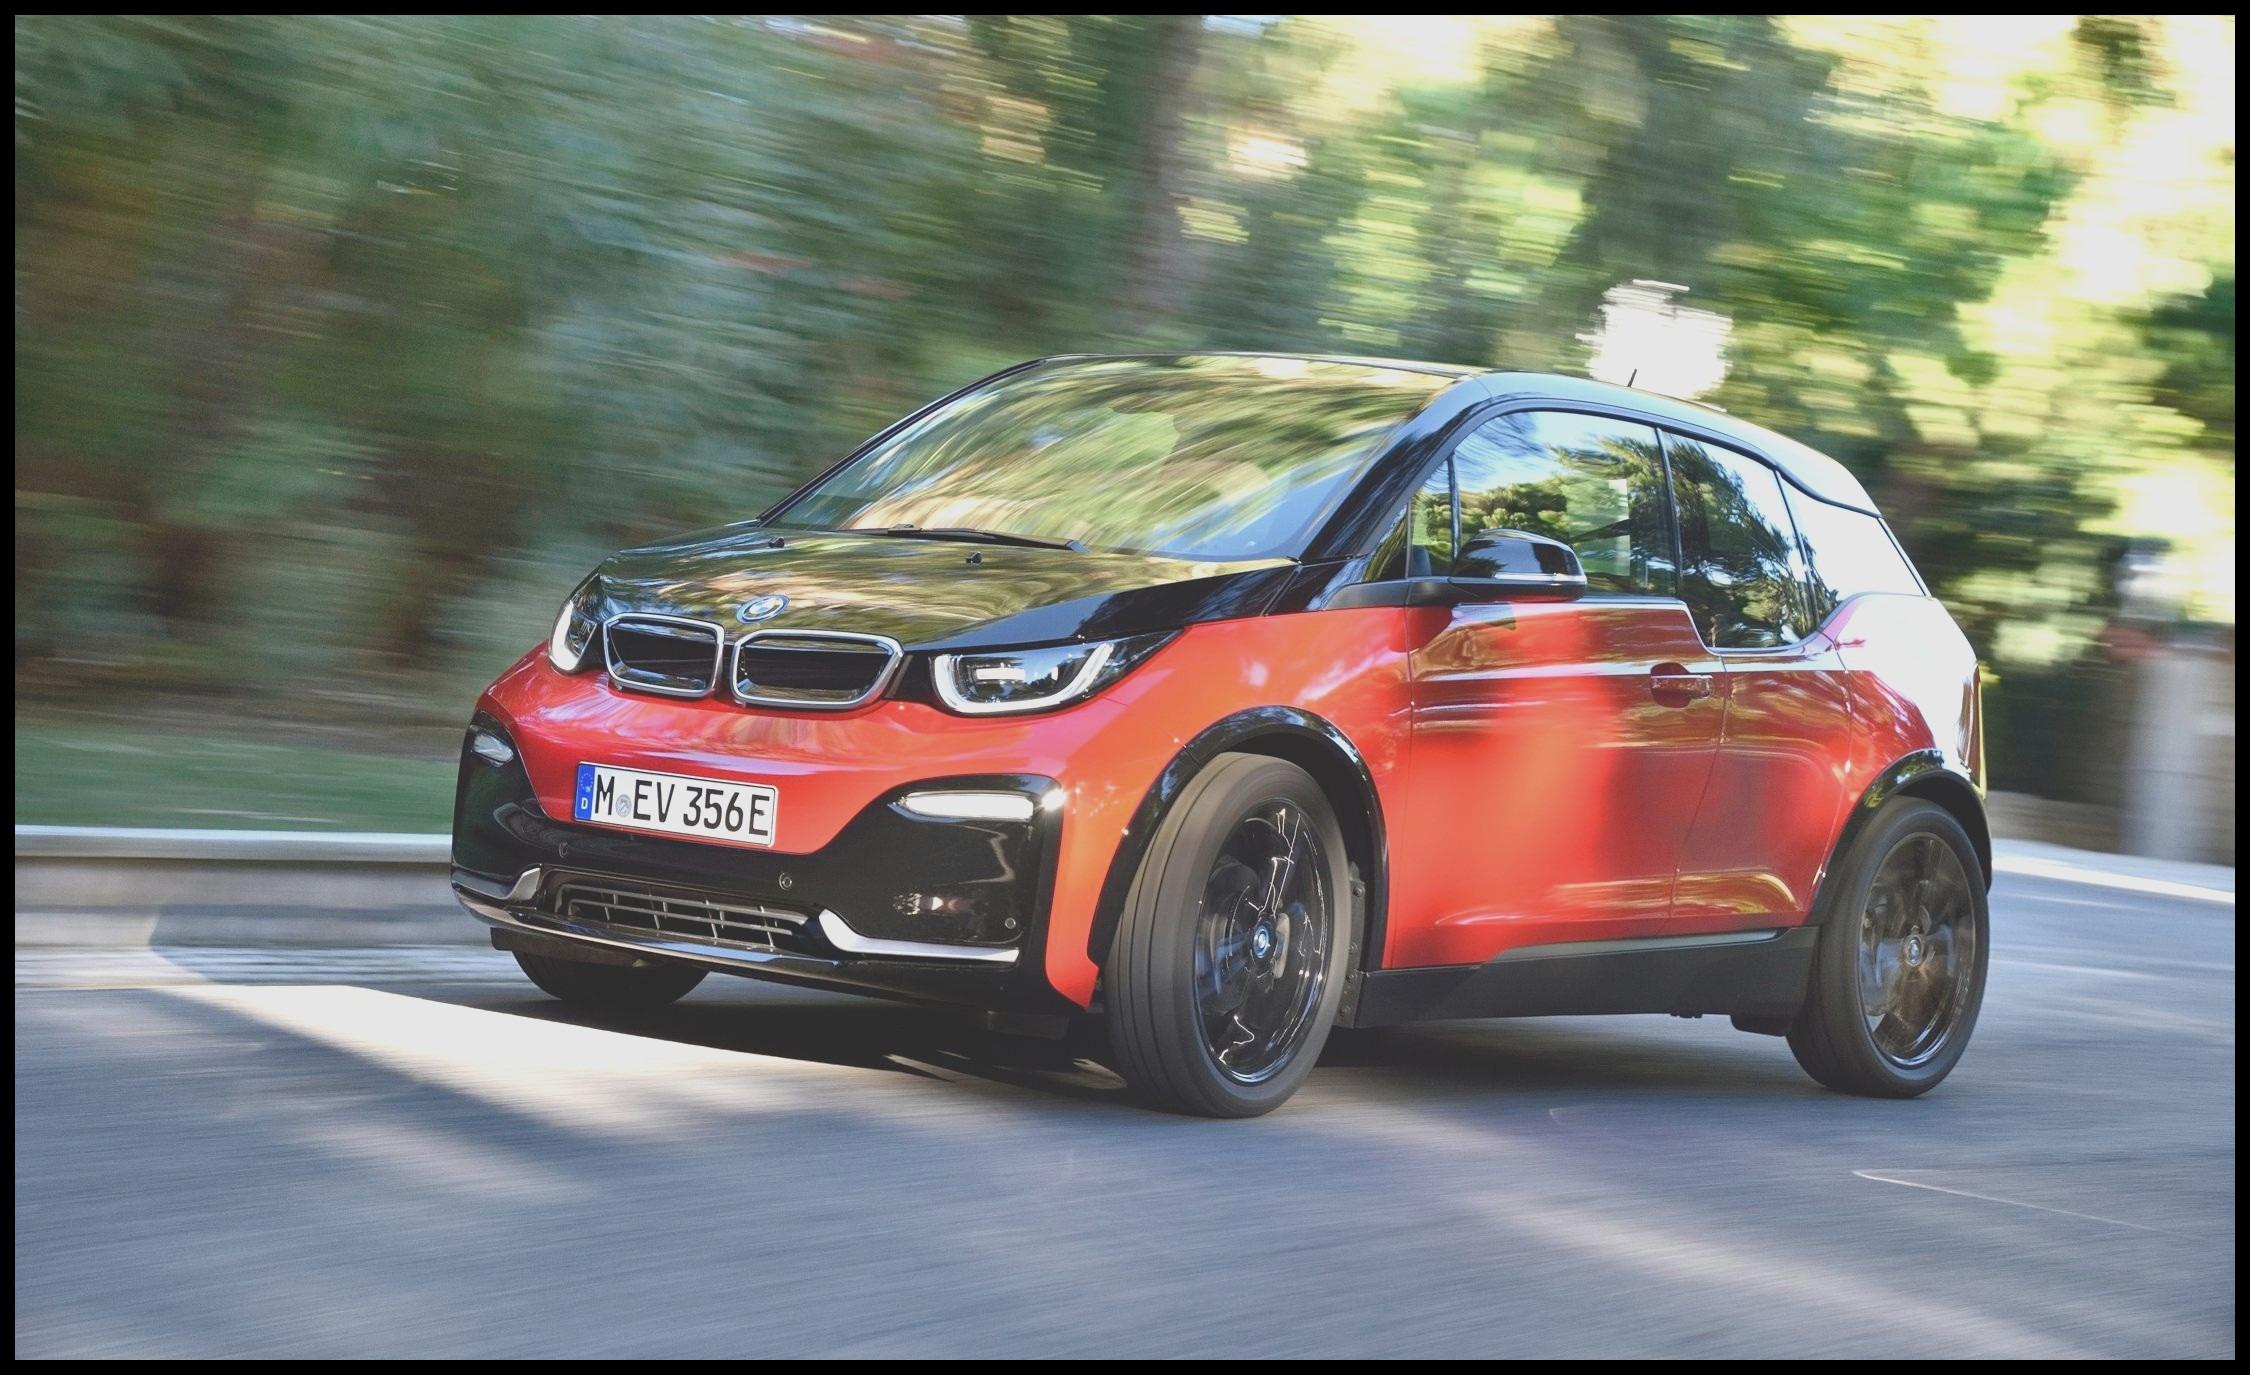 Bmw Electric Car Price Elegant 14 New Bmw I3 Price Bmw Electric Car Price New